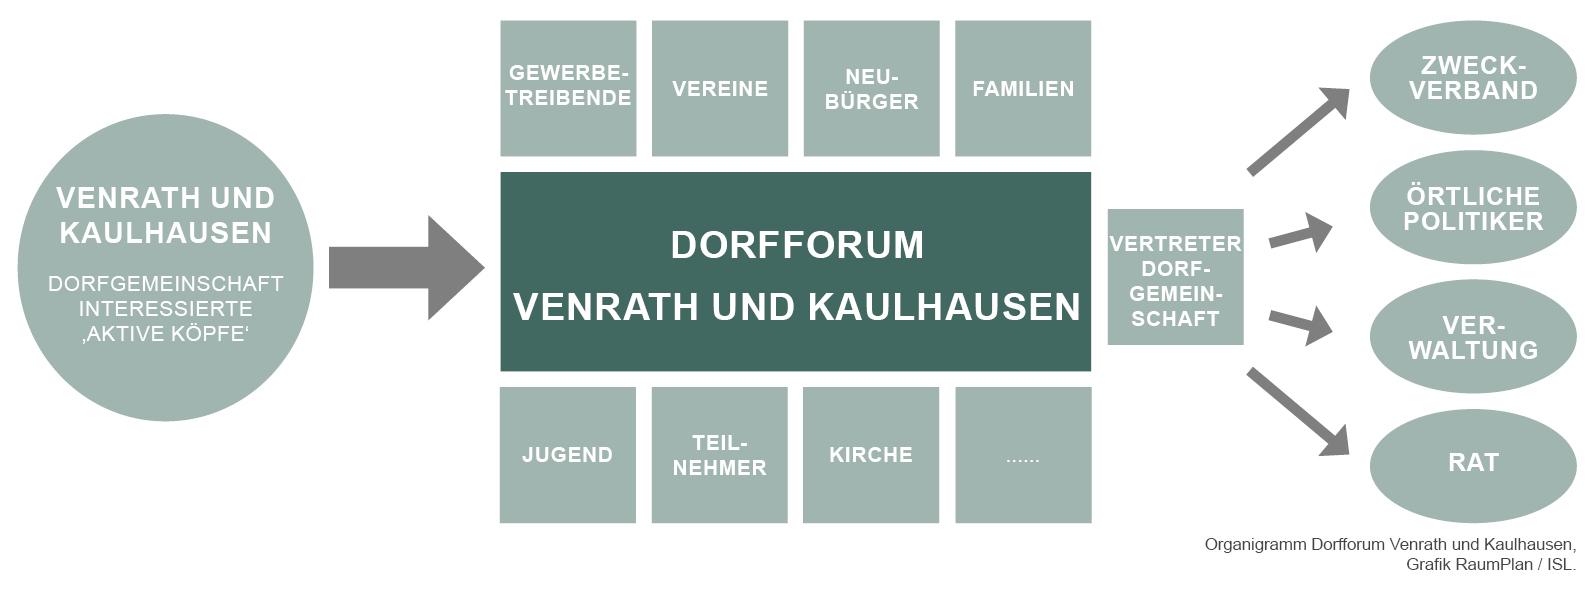 Dorfforum Venrath und Kaulhausen